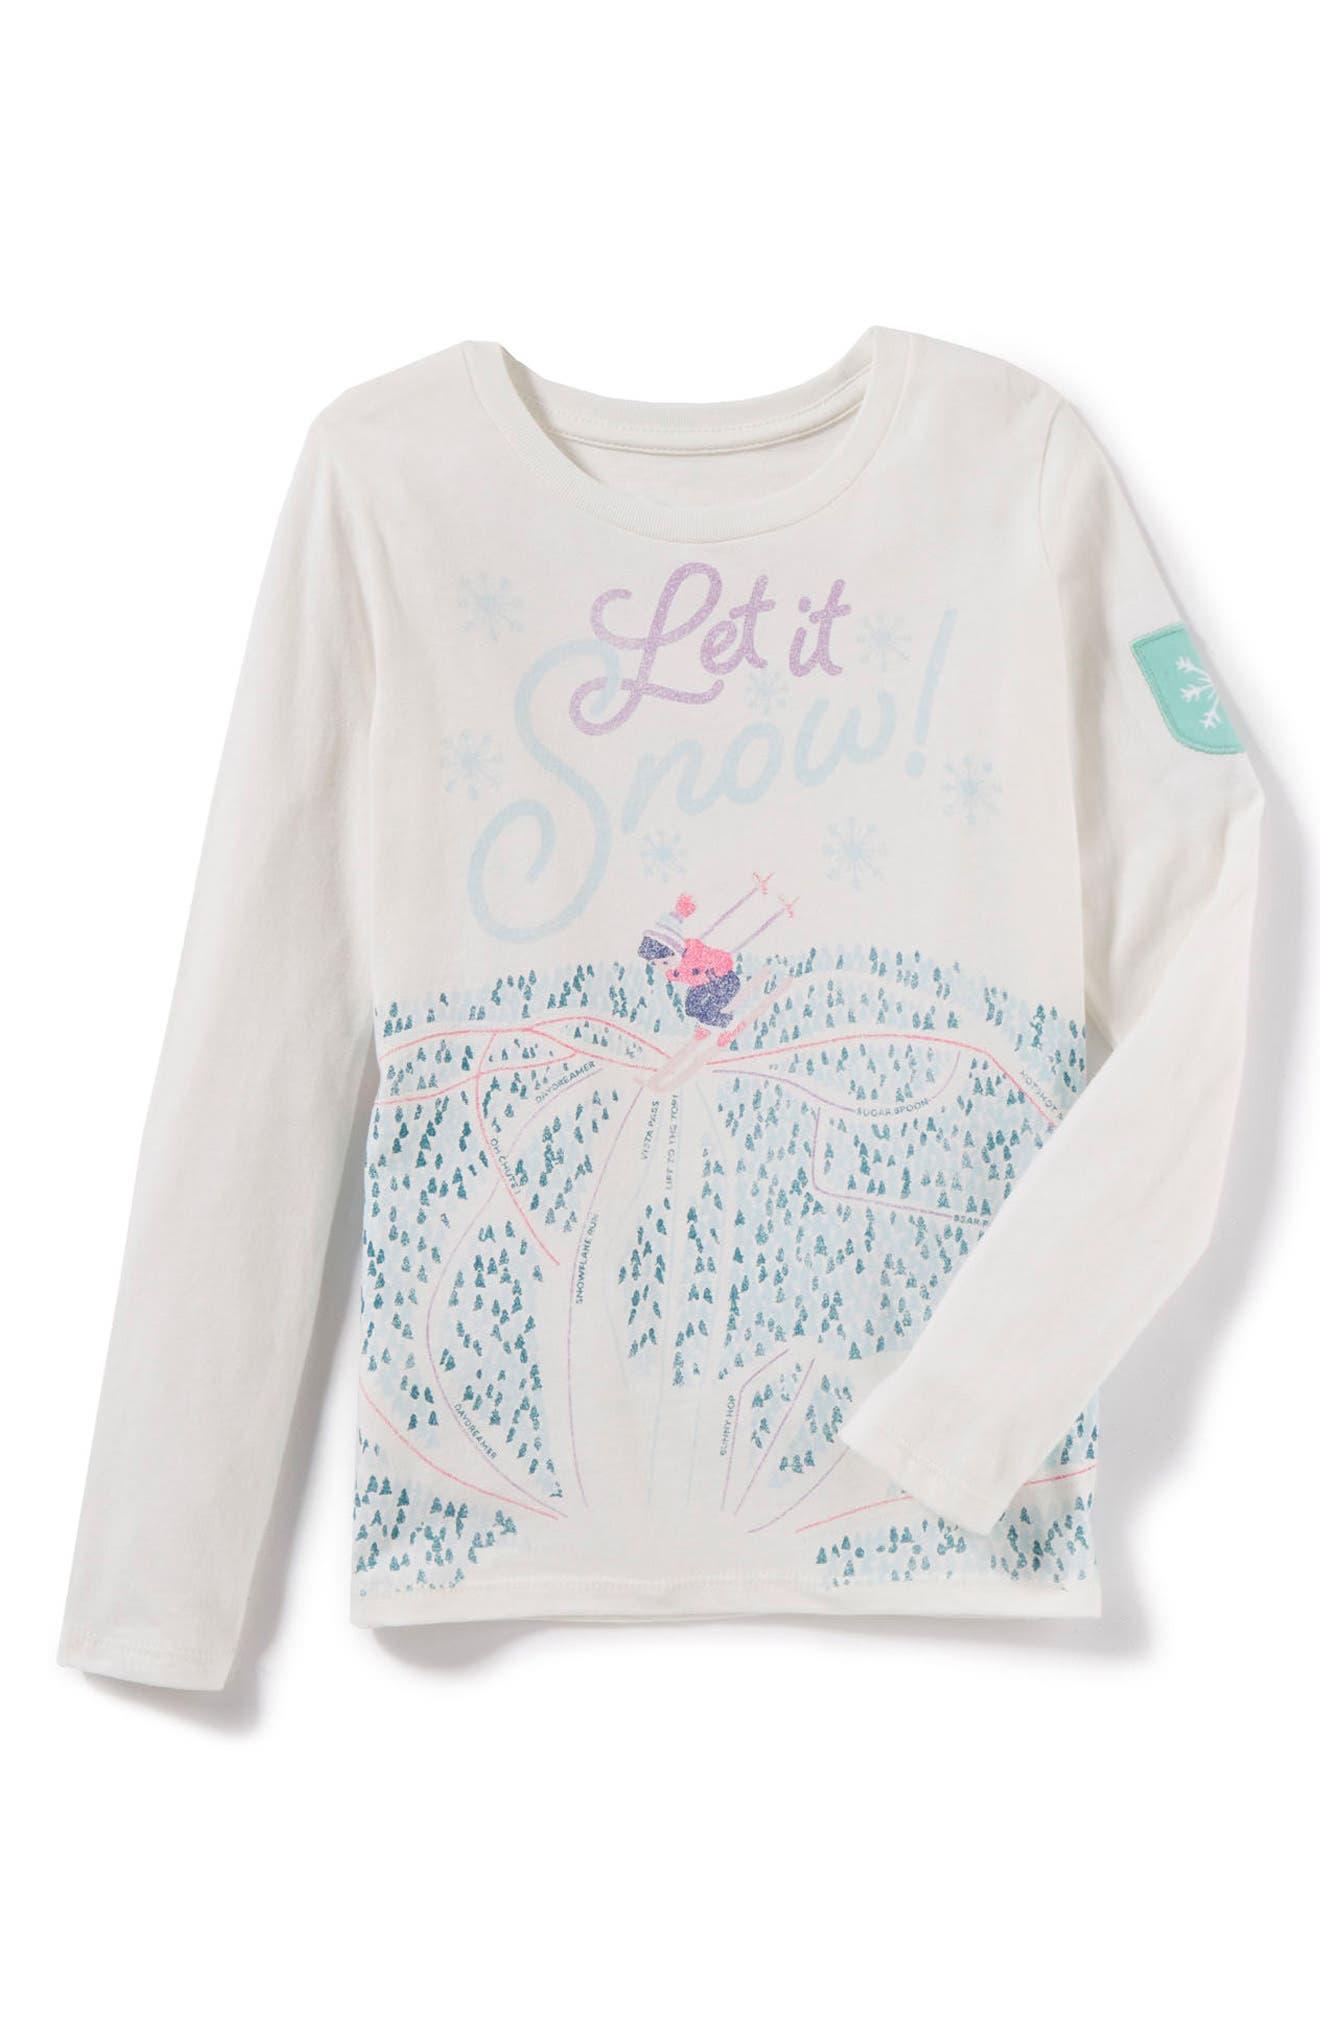 Main Image - Peek Let it Snow Tee (Toddler Girls, Little Girls & Big Girls)